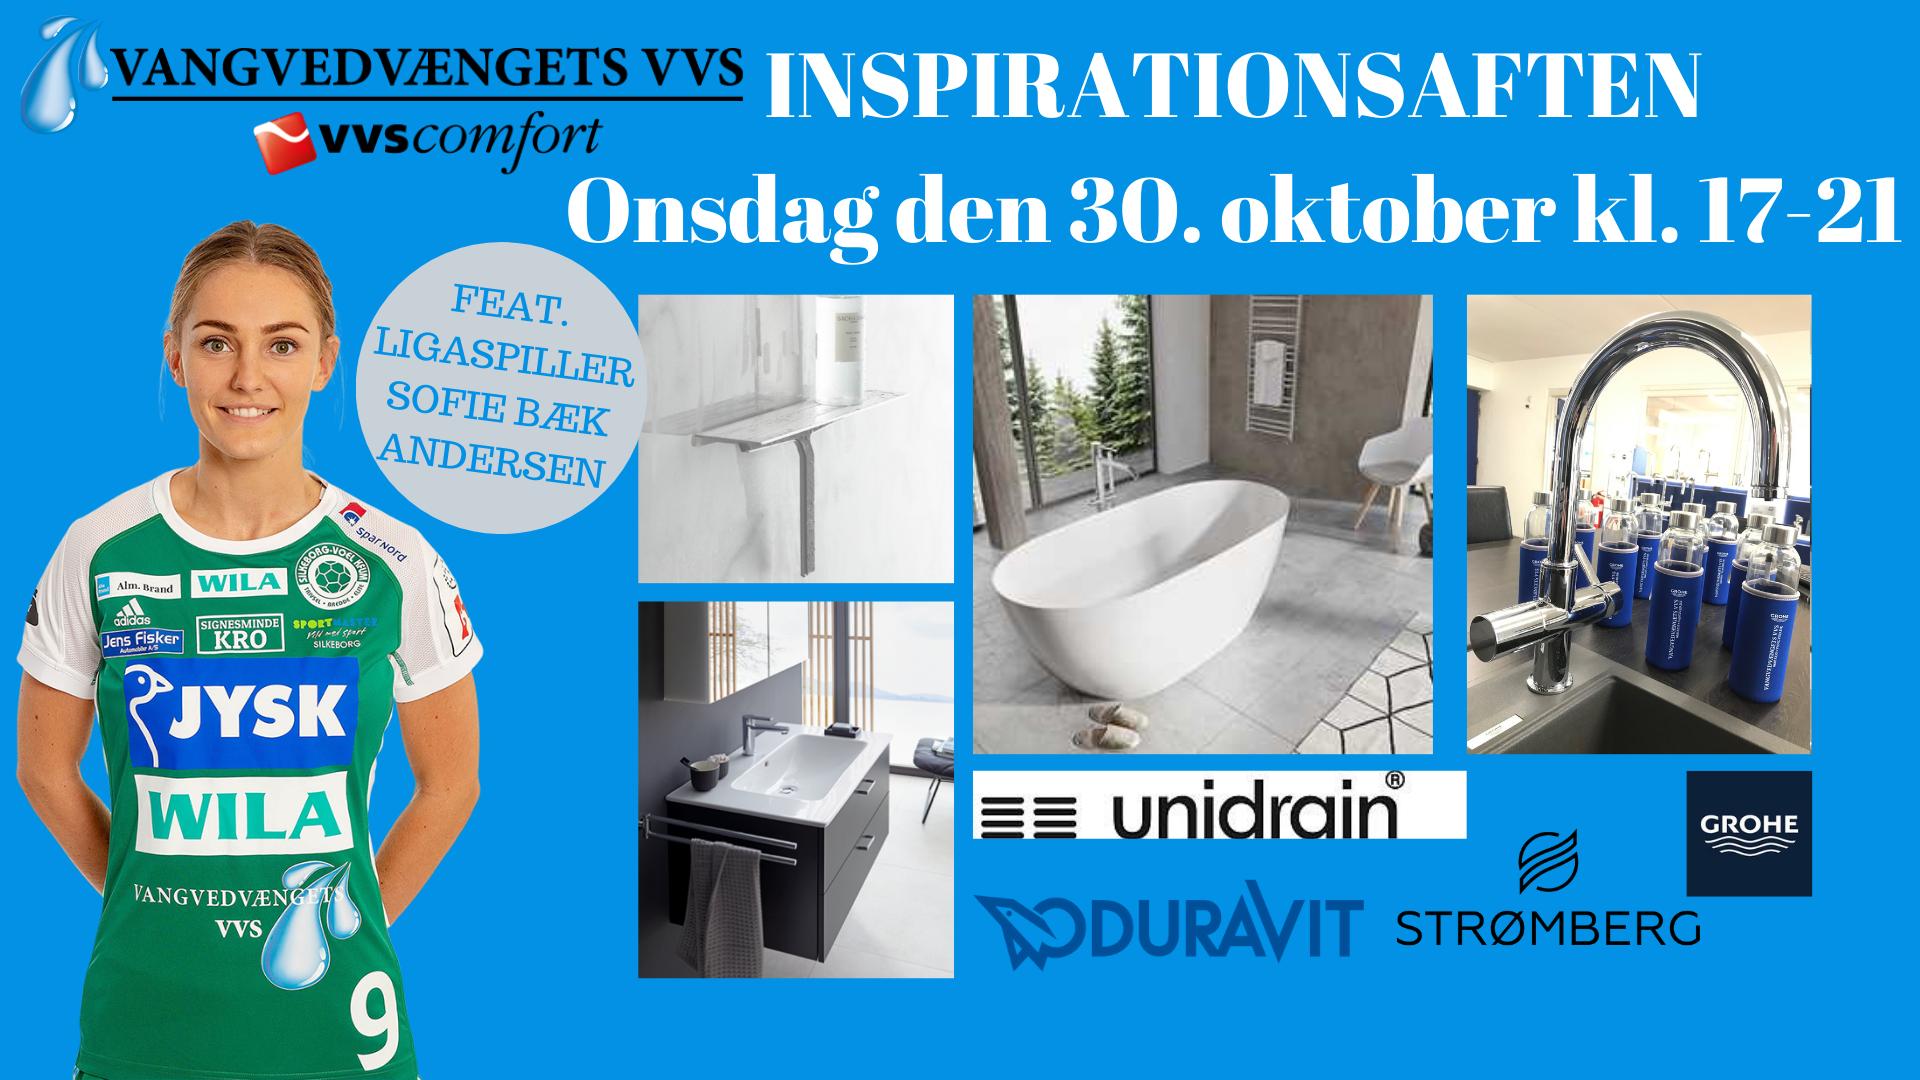 Grohe Strømberg Duravit Unidrain Vangvedvængets VVS Sofie Bæk Andersen Silkeborg-Voel renovering DIY badeværelse